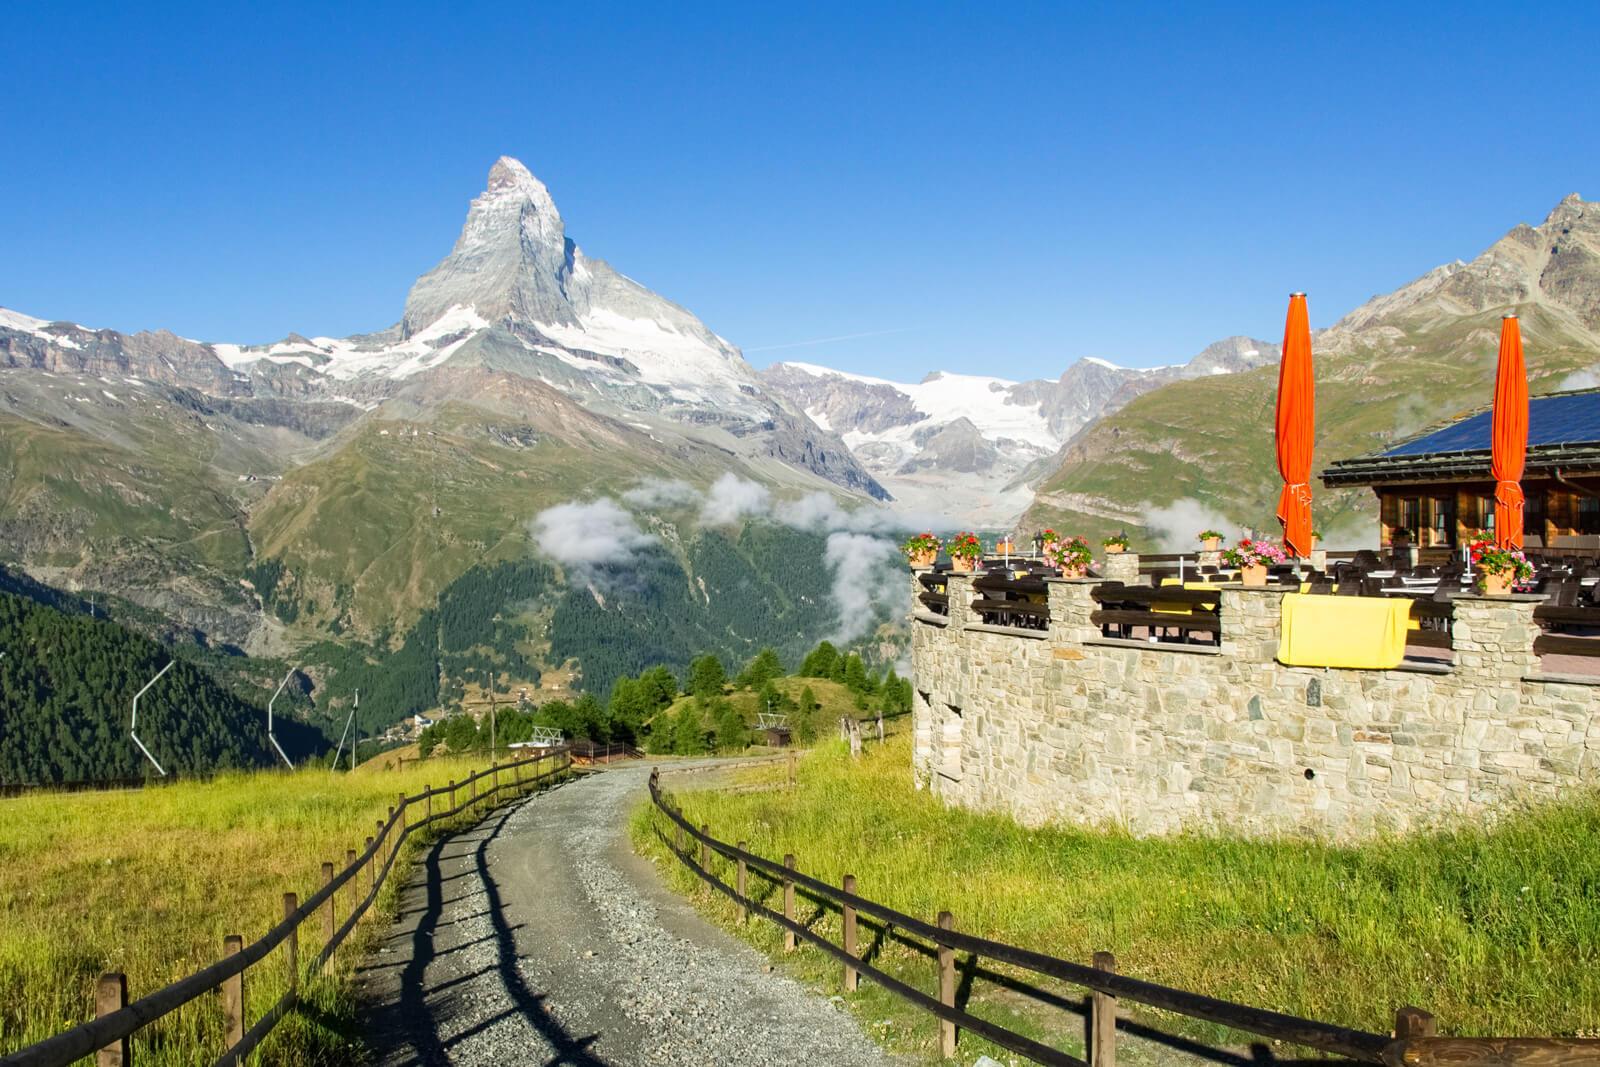 Zermatt Restaurant with Matterhorn